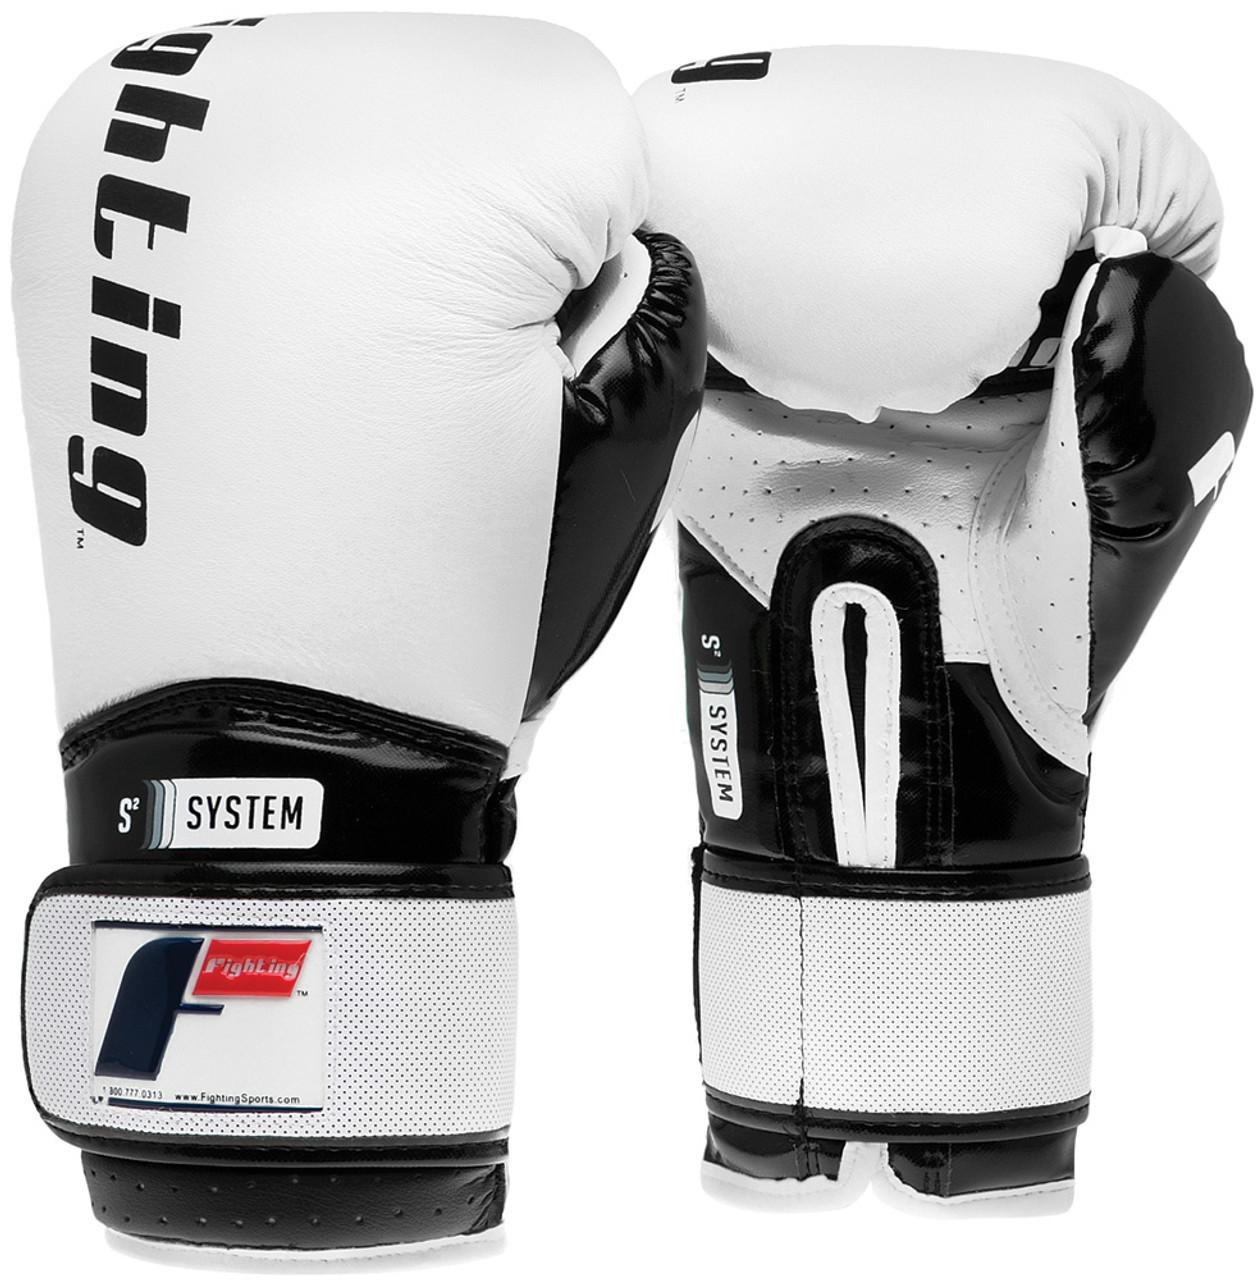 Black//White Fighting Sports S2 Gel Boxing Power Bag Gloves